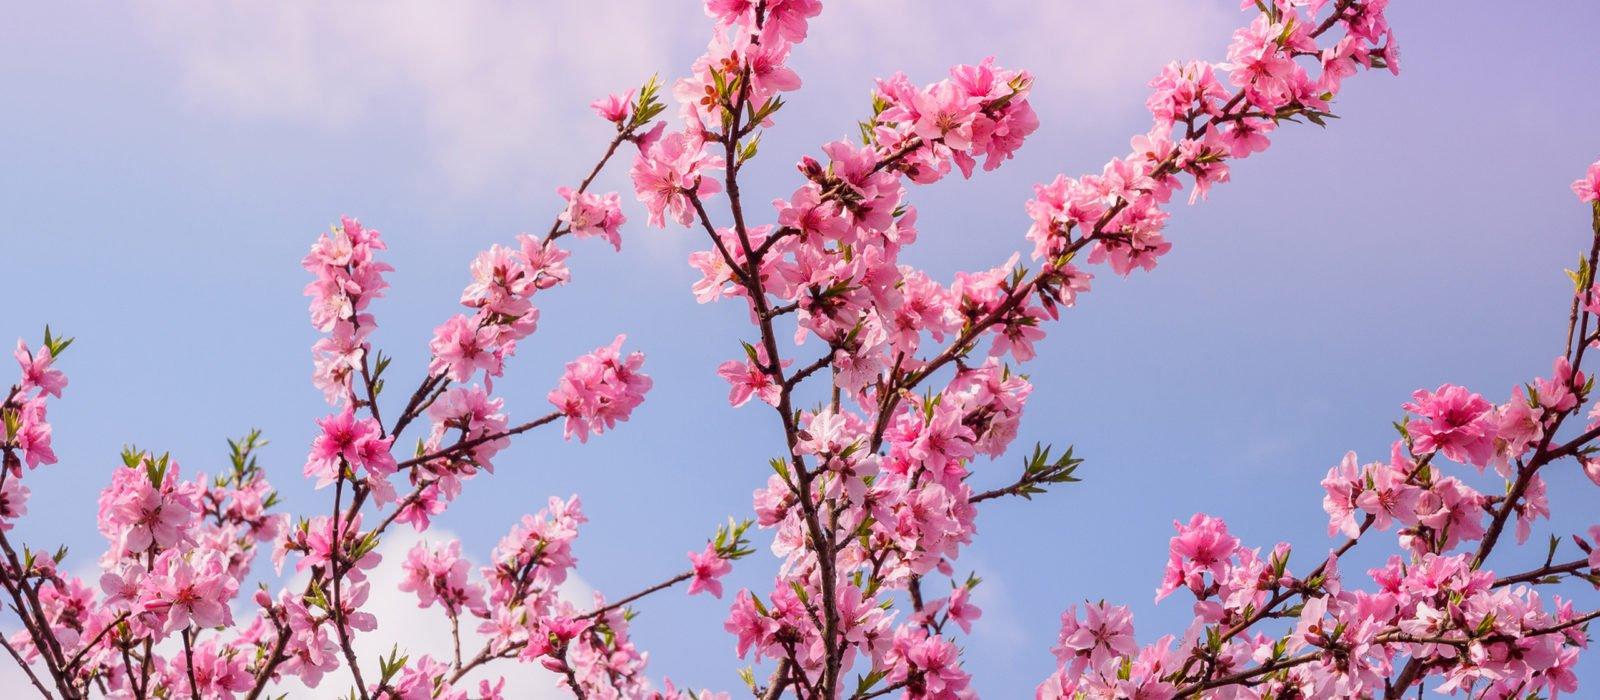 sakura-cherry-blossom-seoul